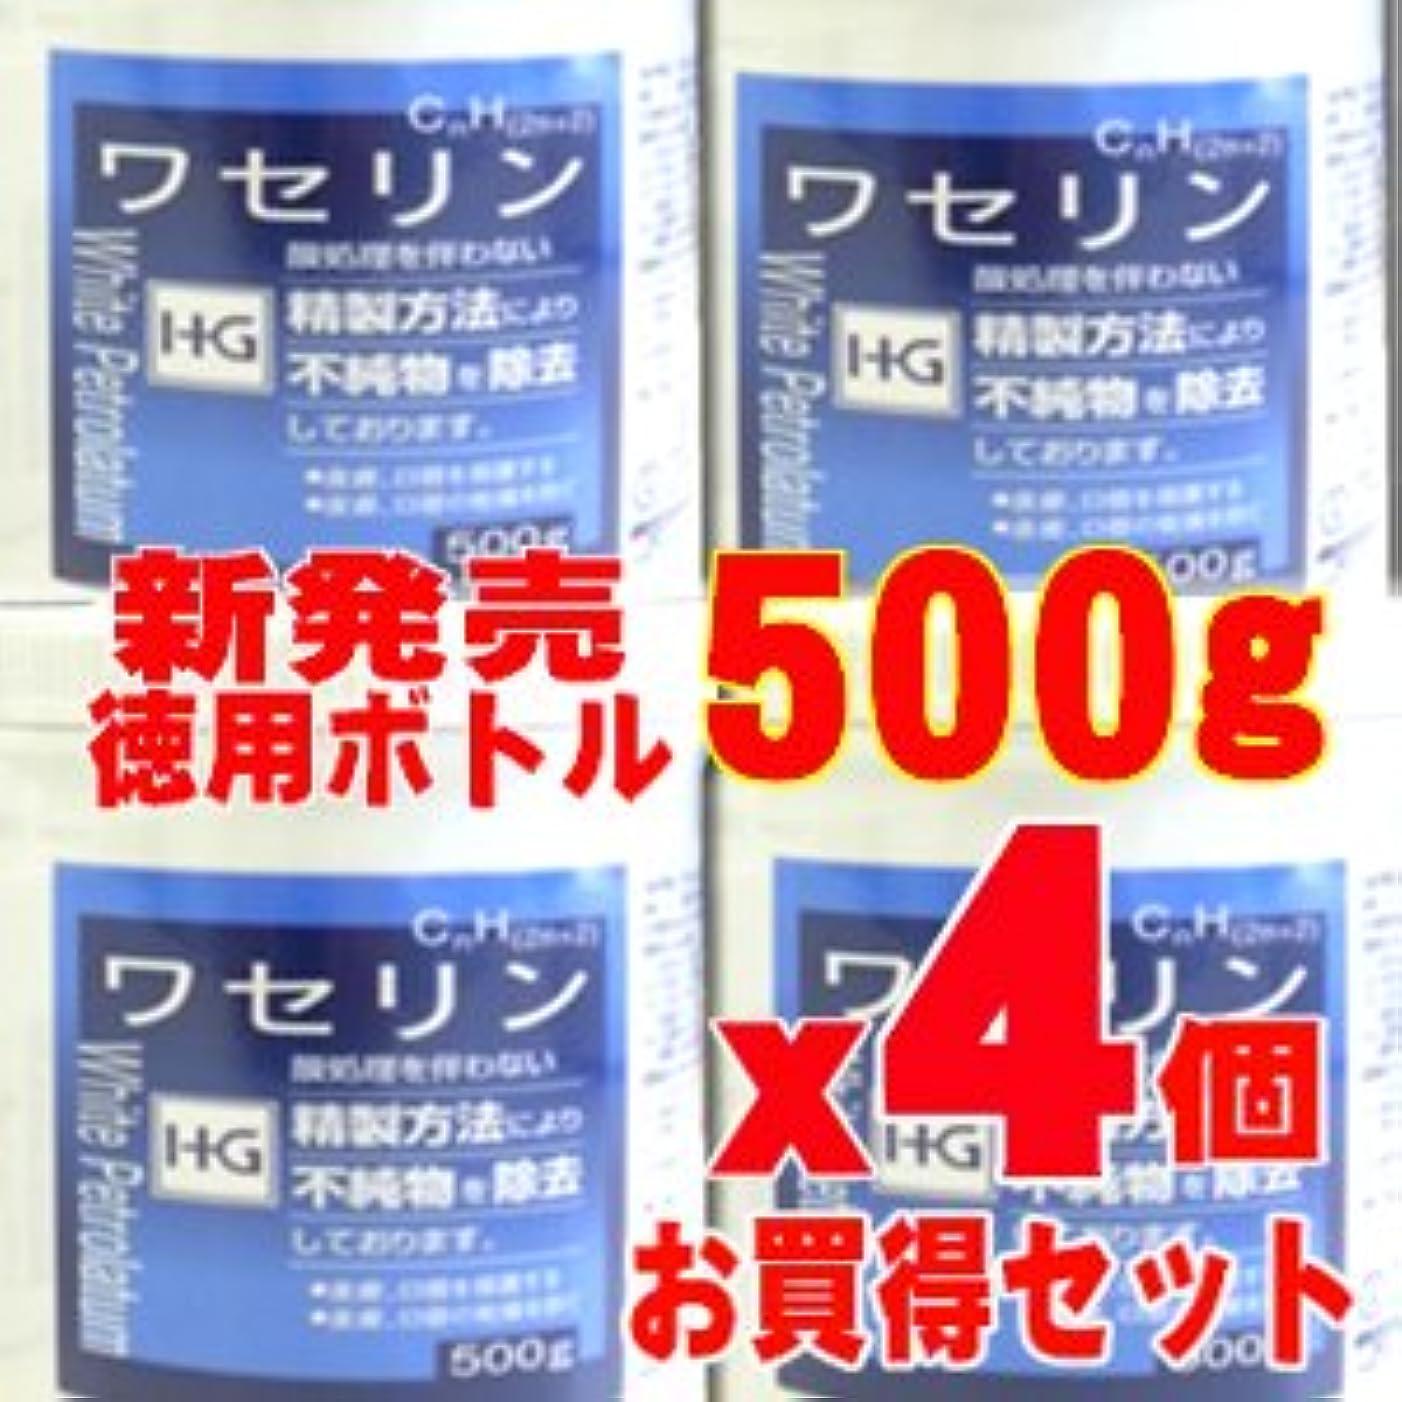 割り込みフック写真撮影【敏感肌の方に最適!】皮膚保護 ワセリンHG 徳用500gx4個セット